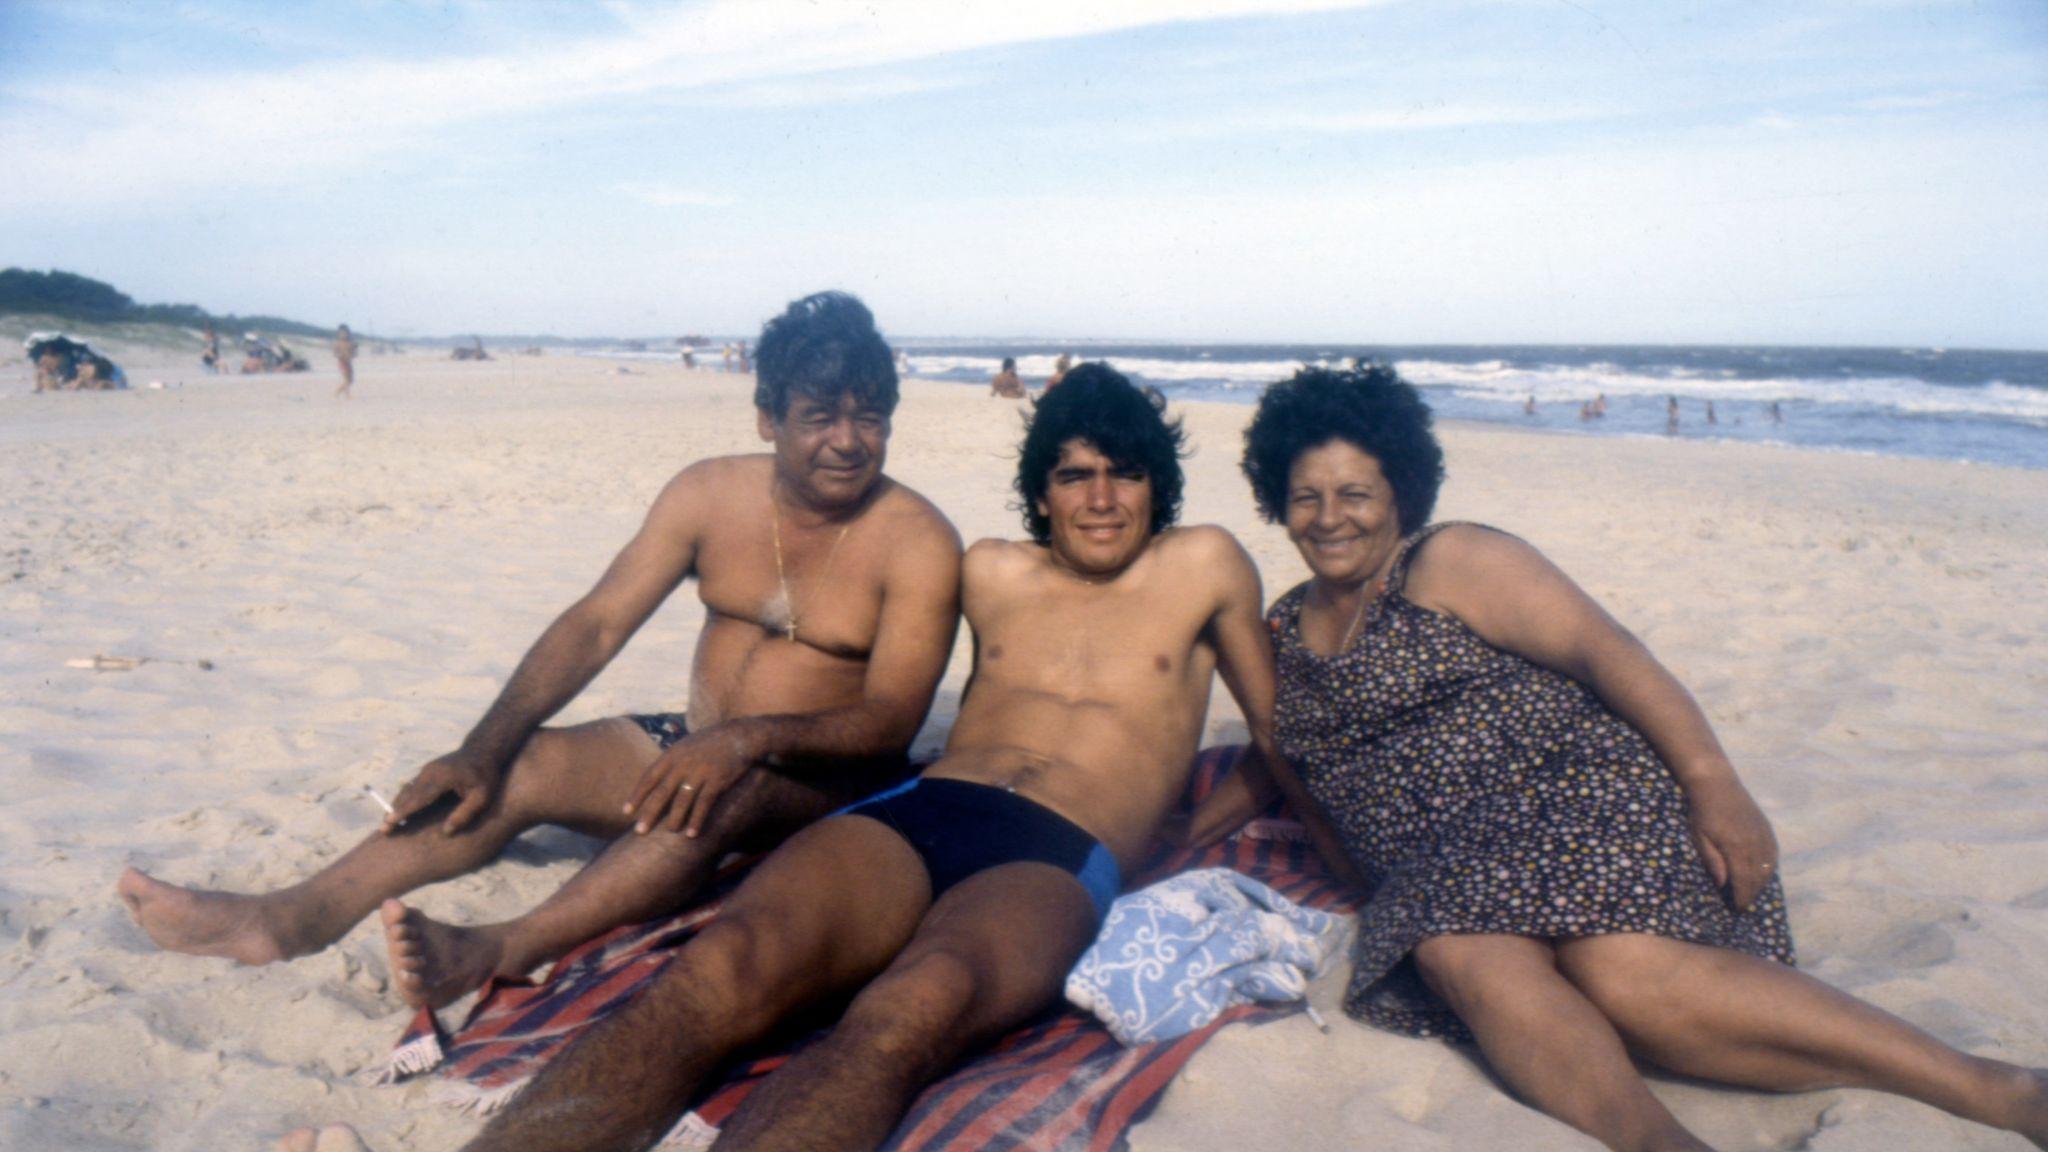 Diego Maradona. Pic: El Grafico